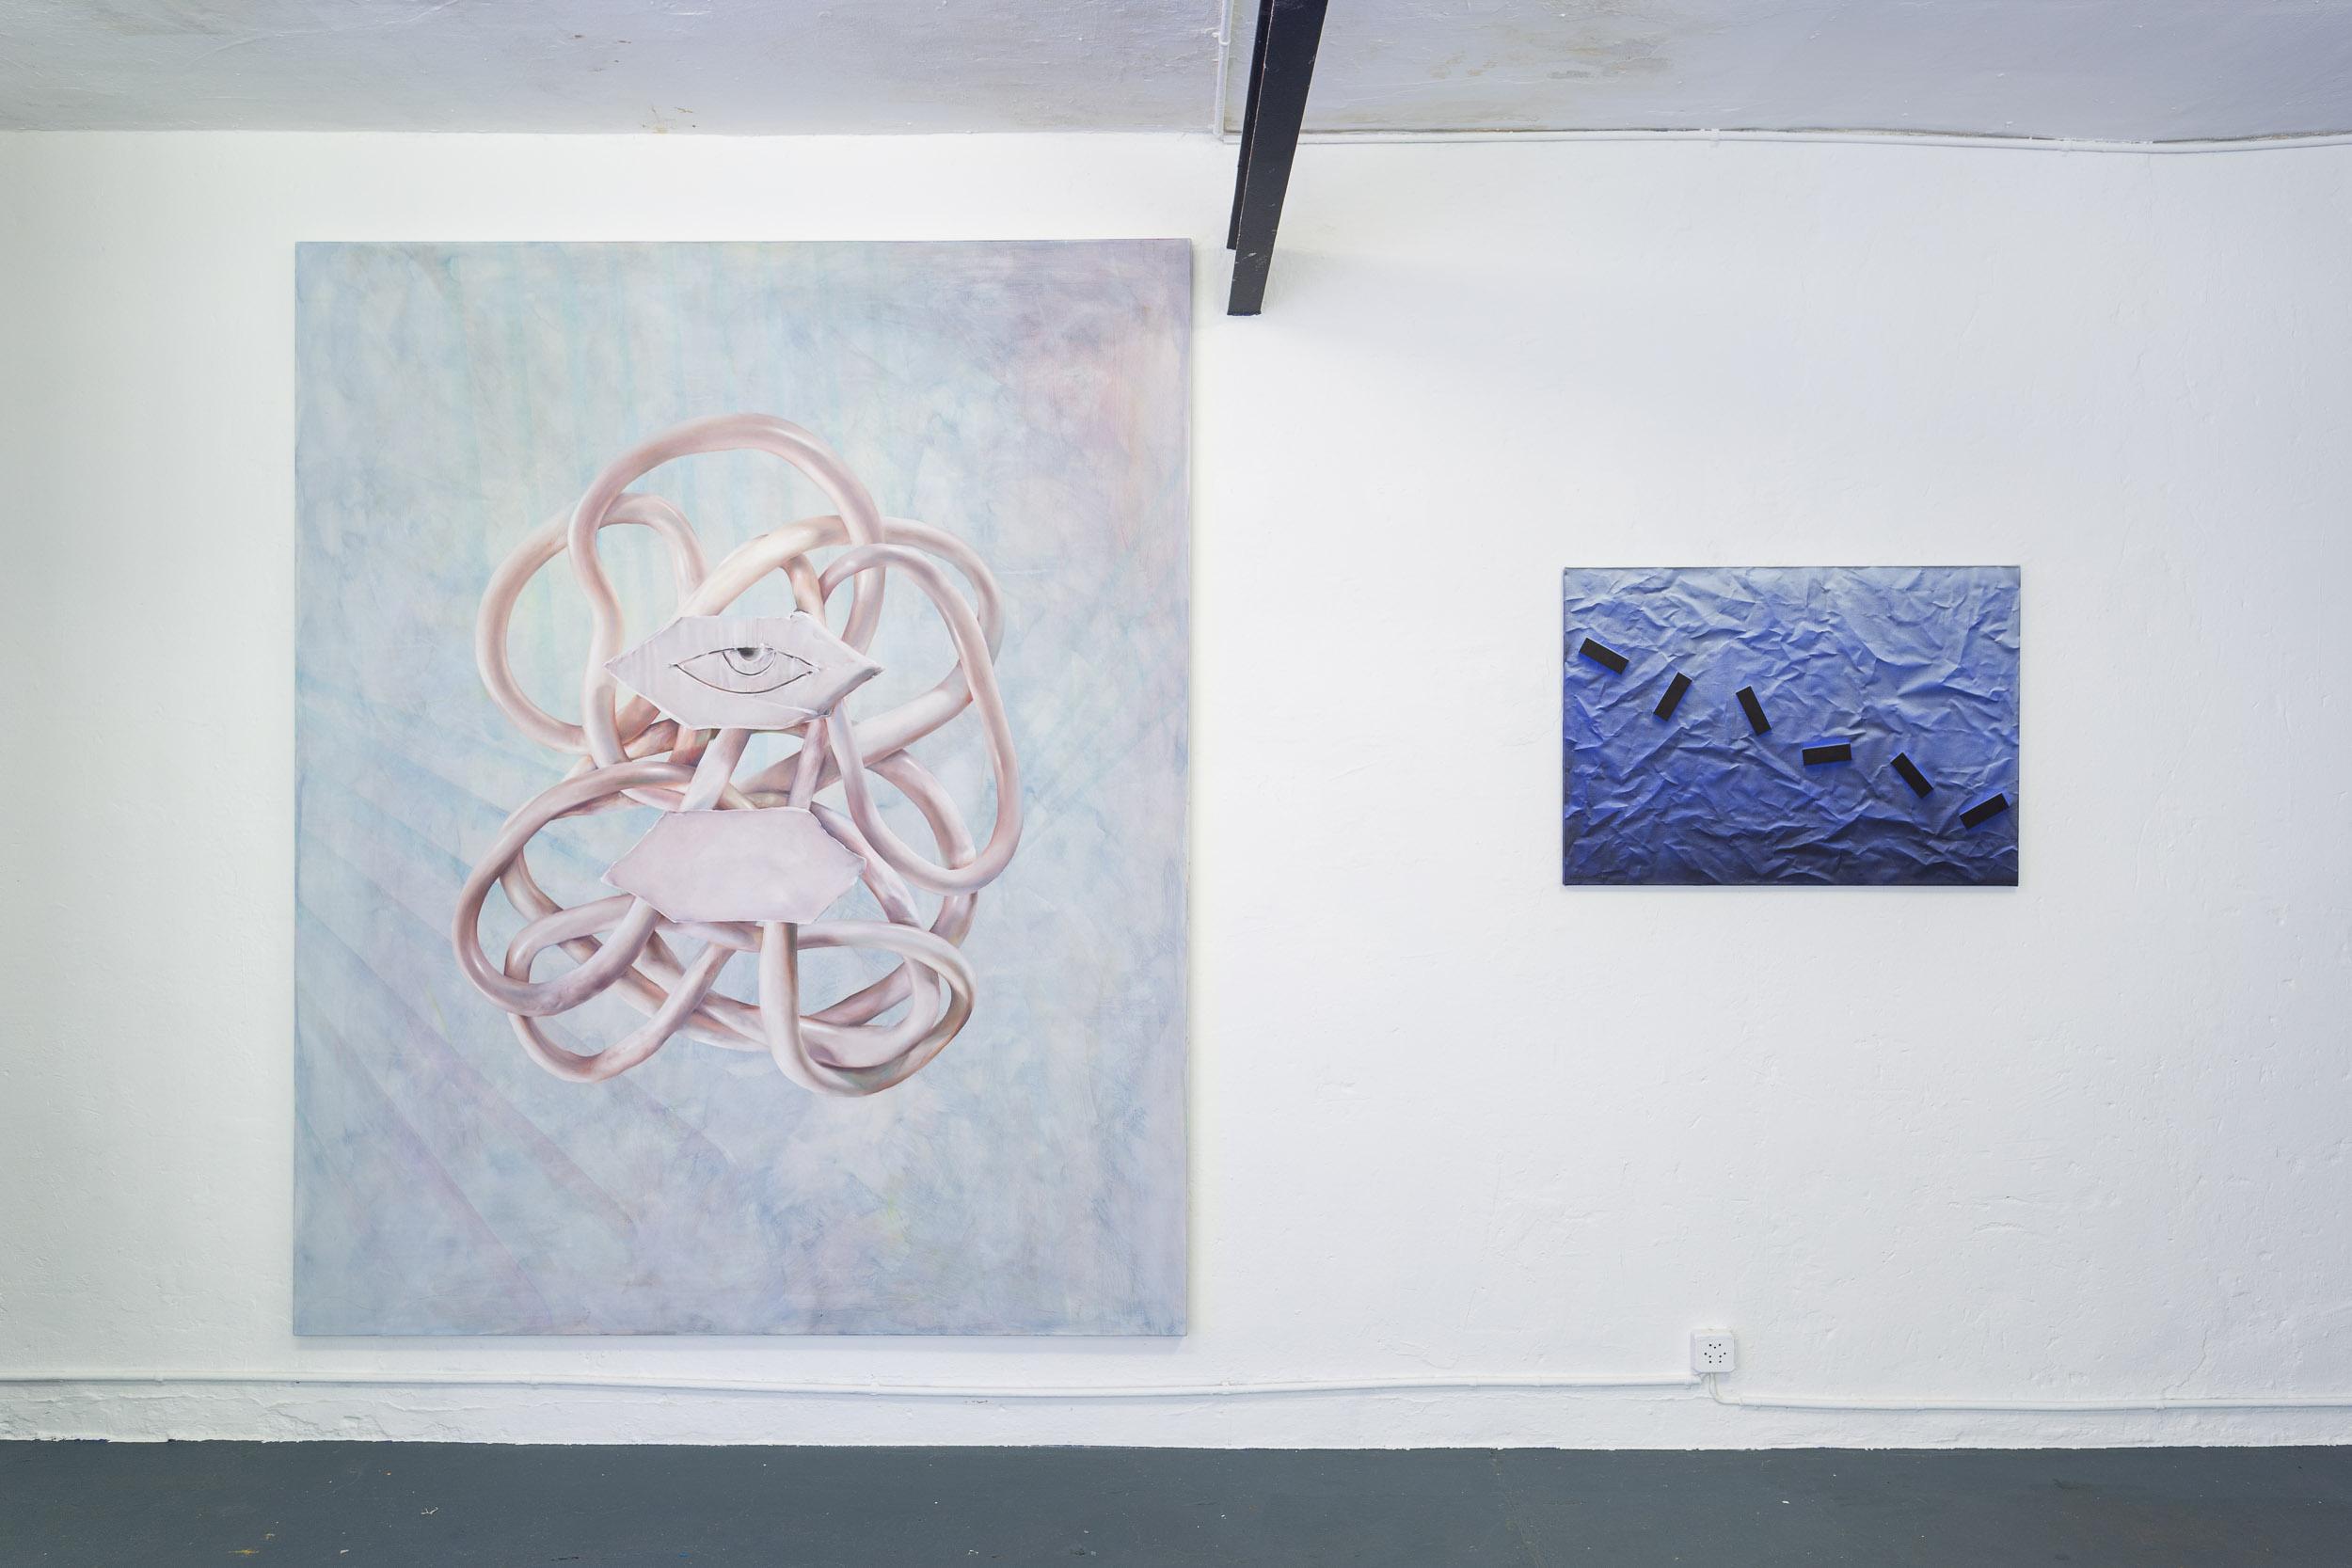 Left: Francisco Sierra,  OogGod , 2017, oil and color pencil on canvas, 220 x 180 cm  Right: Eduardo Rubén,  Untitled , 2011, acrylic on canvas, 64 x 91 cm  Photo: Kilian Bannwart